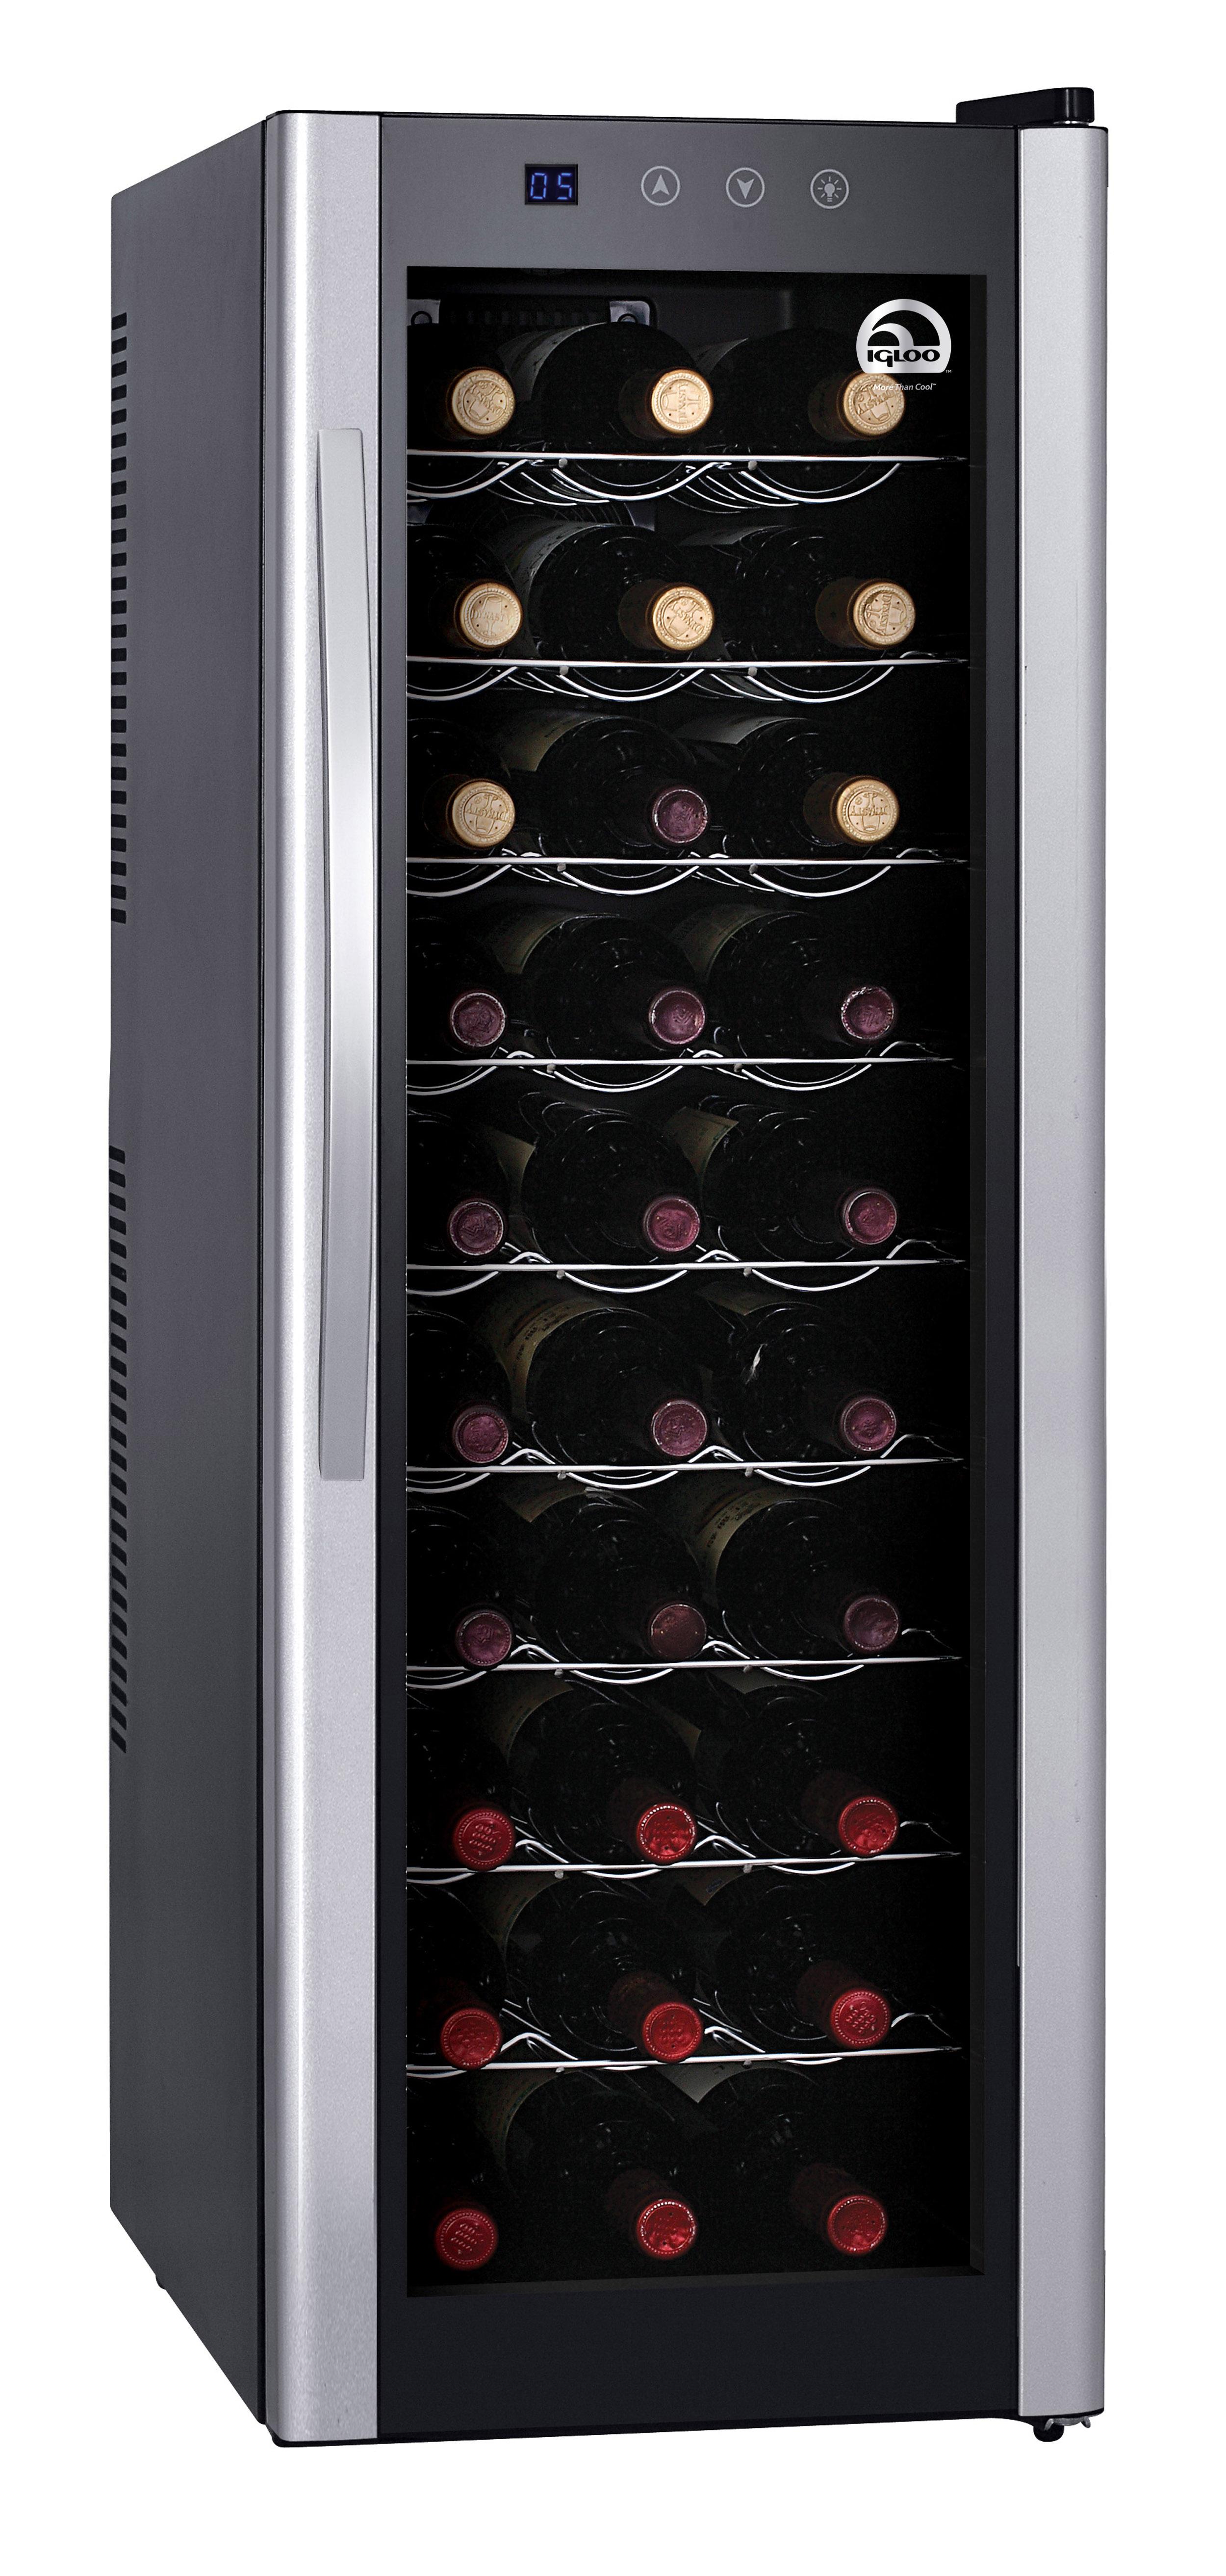 30 BOTTLE WINE COOLER - DIGITAL CONTROLS